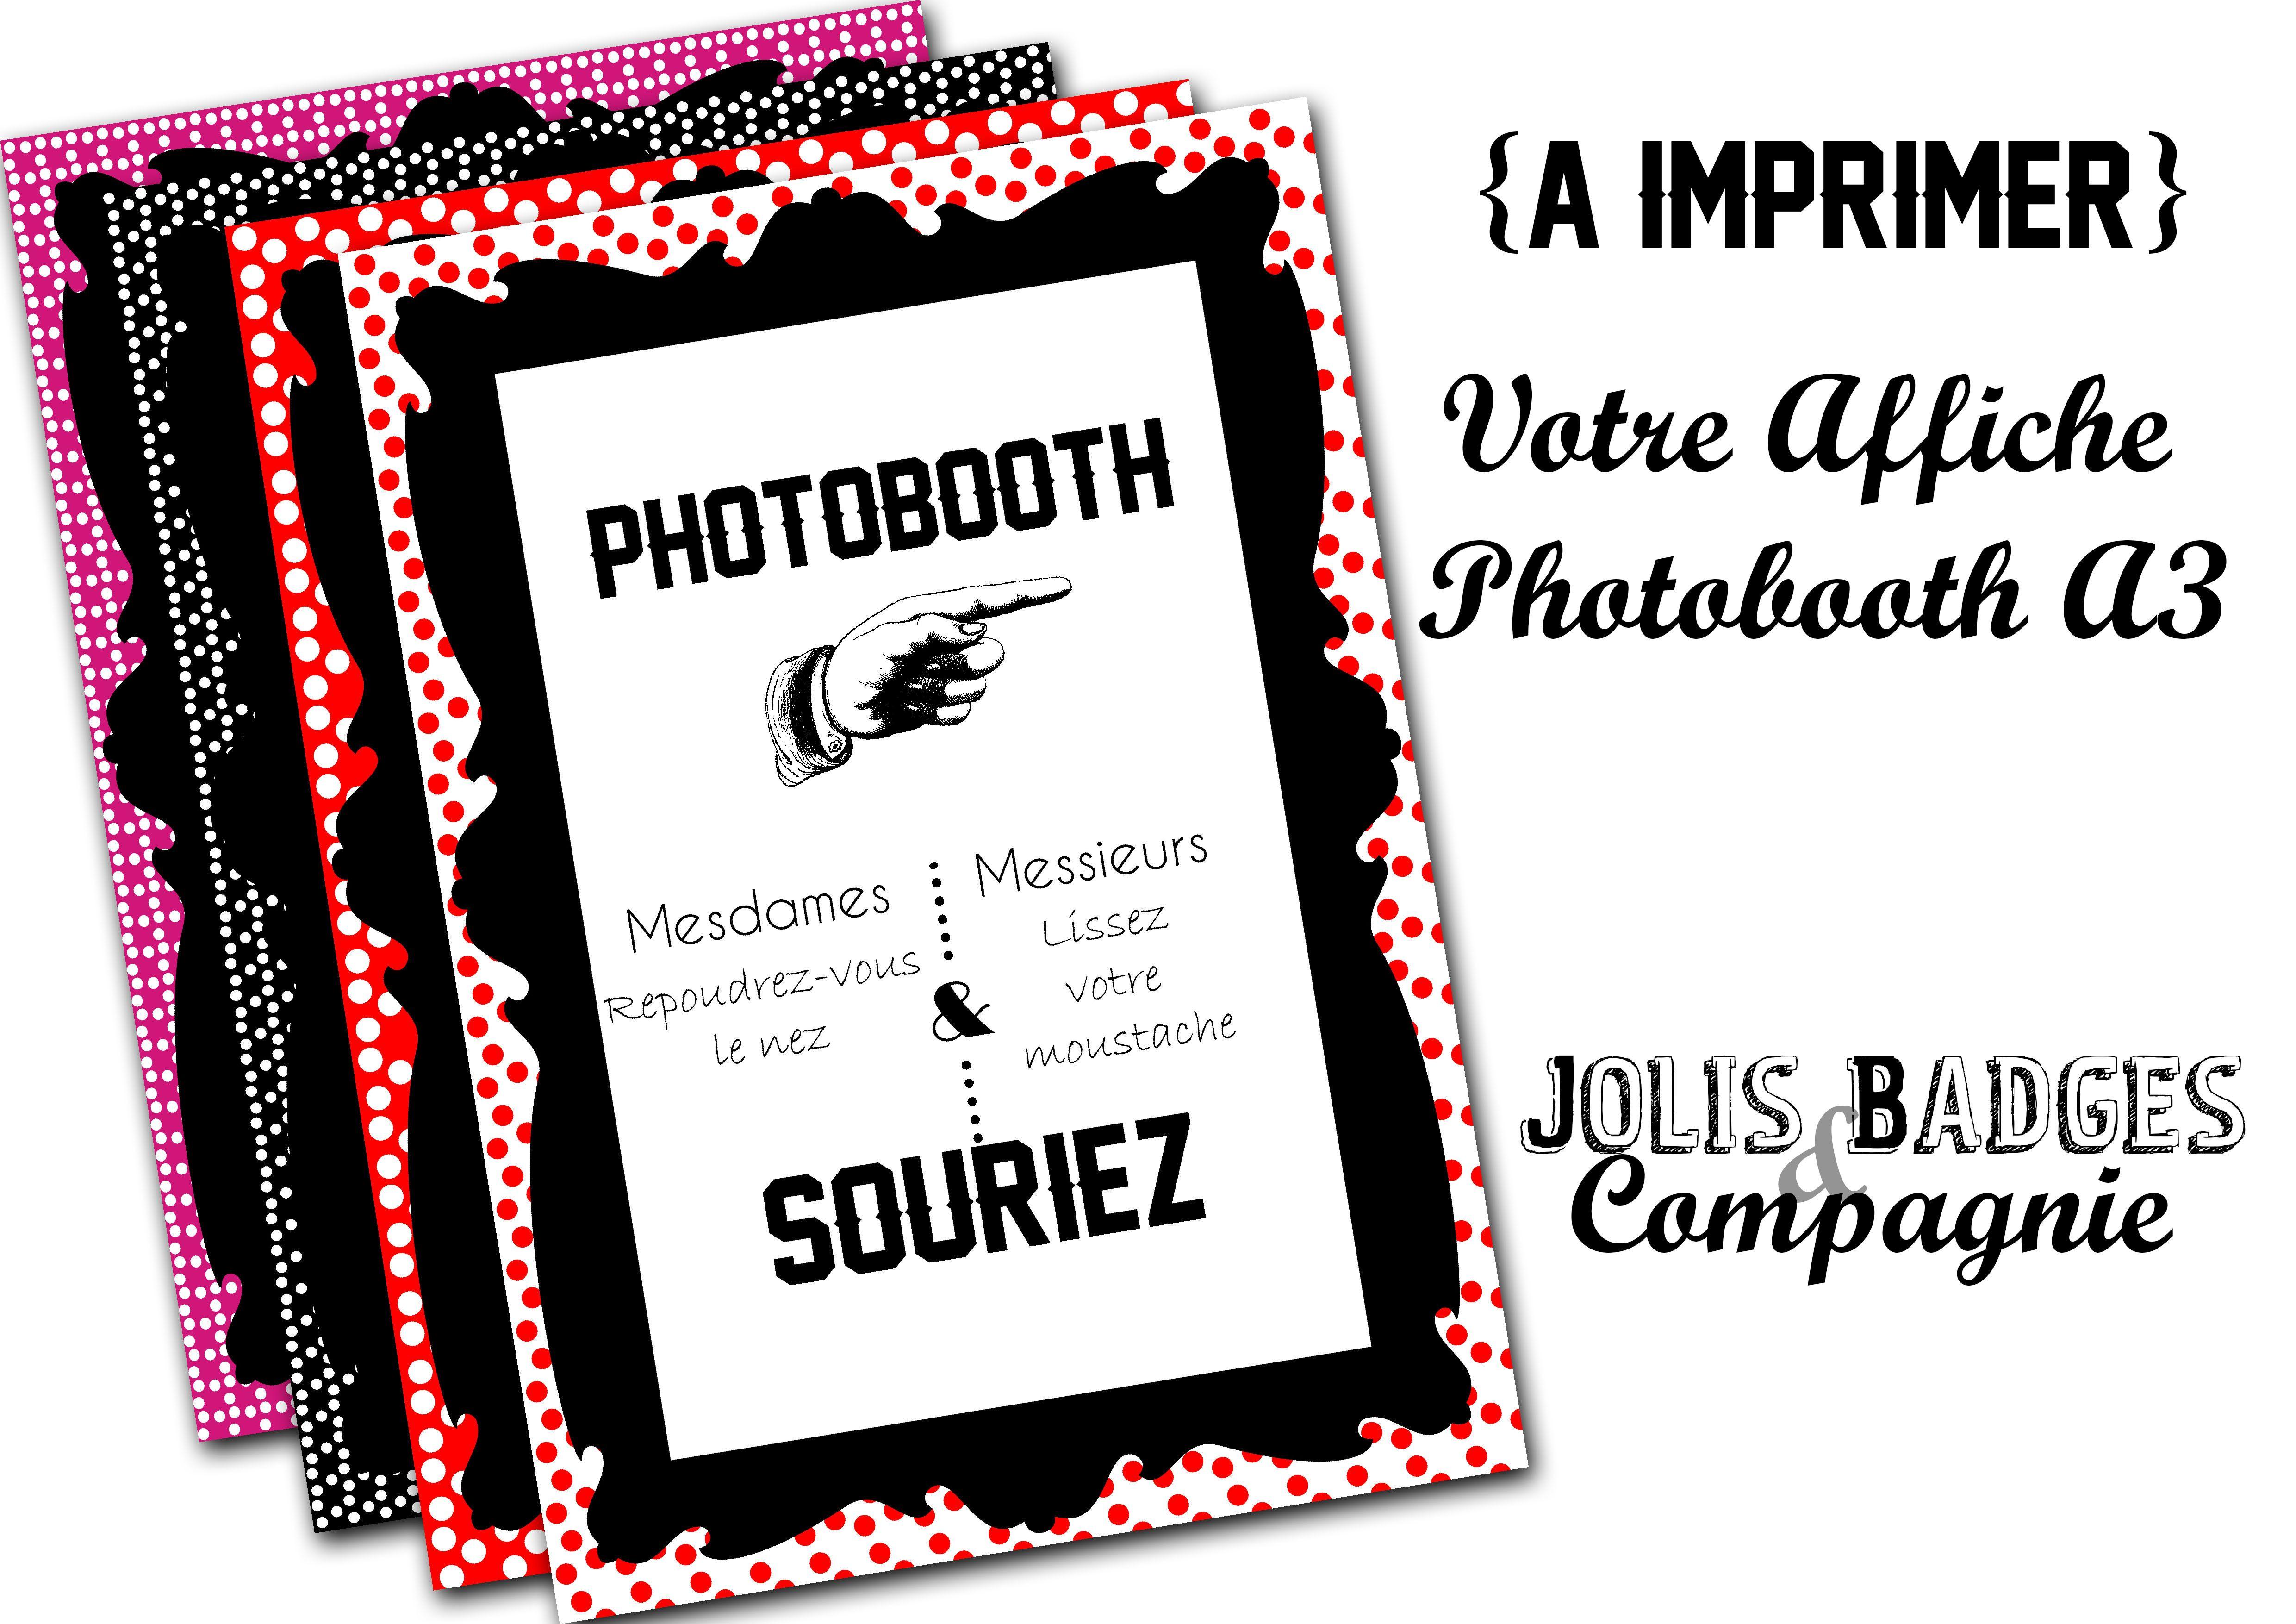 Affiche Photobooth A Imprimer Gratuit Avec Affiche Photobooth Photobooth Imprimer Pinterest Affiches Idees Et Avec 4961x3508px Photobooth Affiche A Imprimer